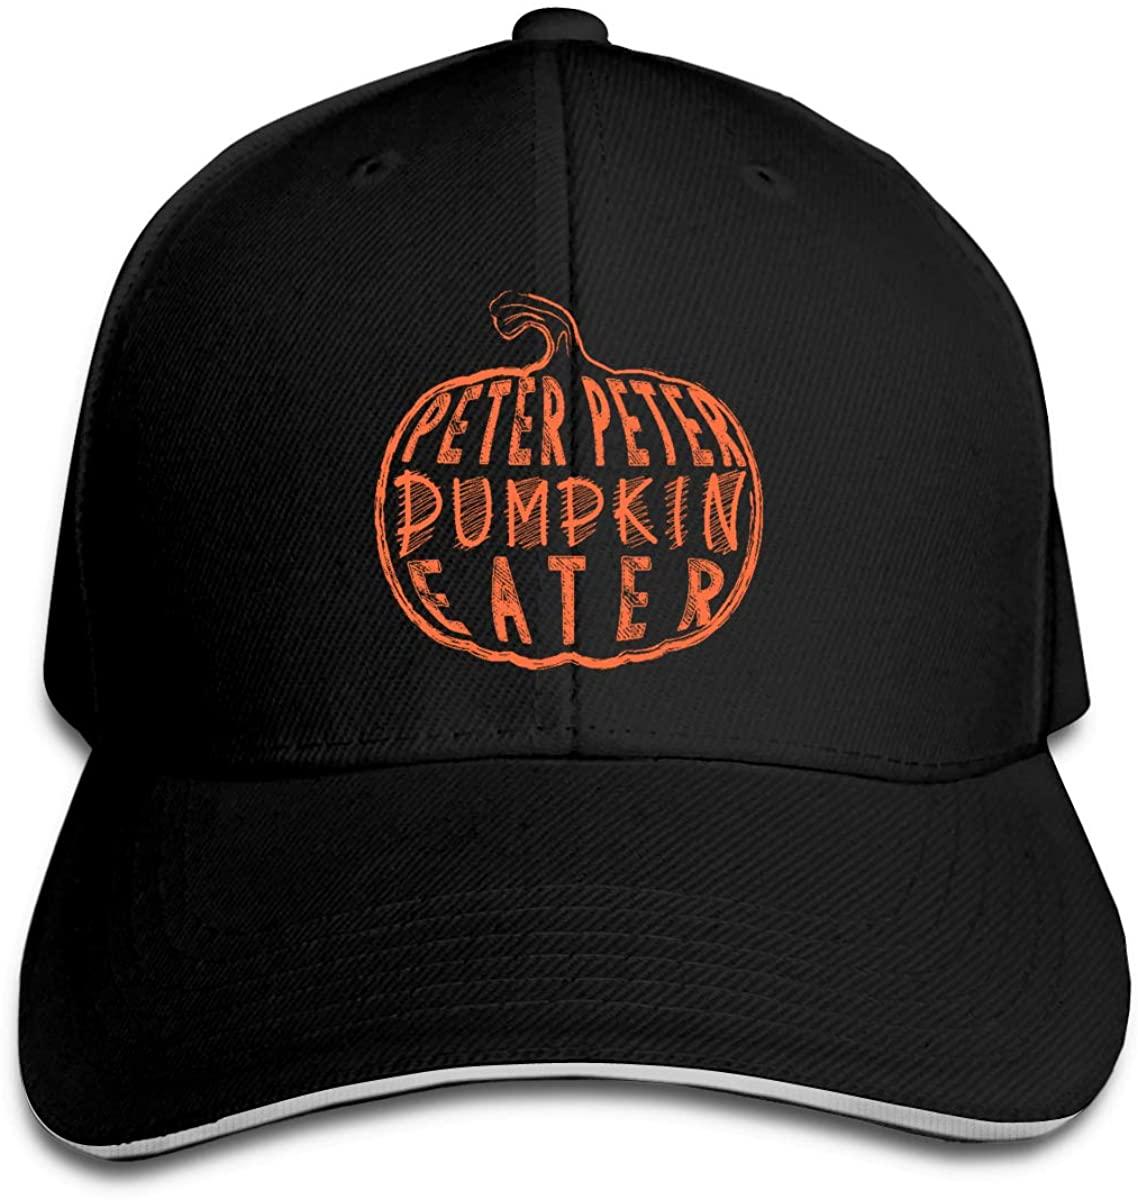 Peter Peter Pumpkin Eater Costume for Halloween Unisex Cap Hat